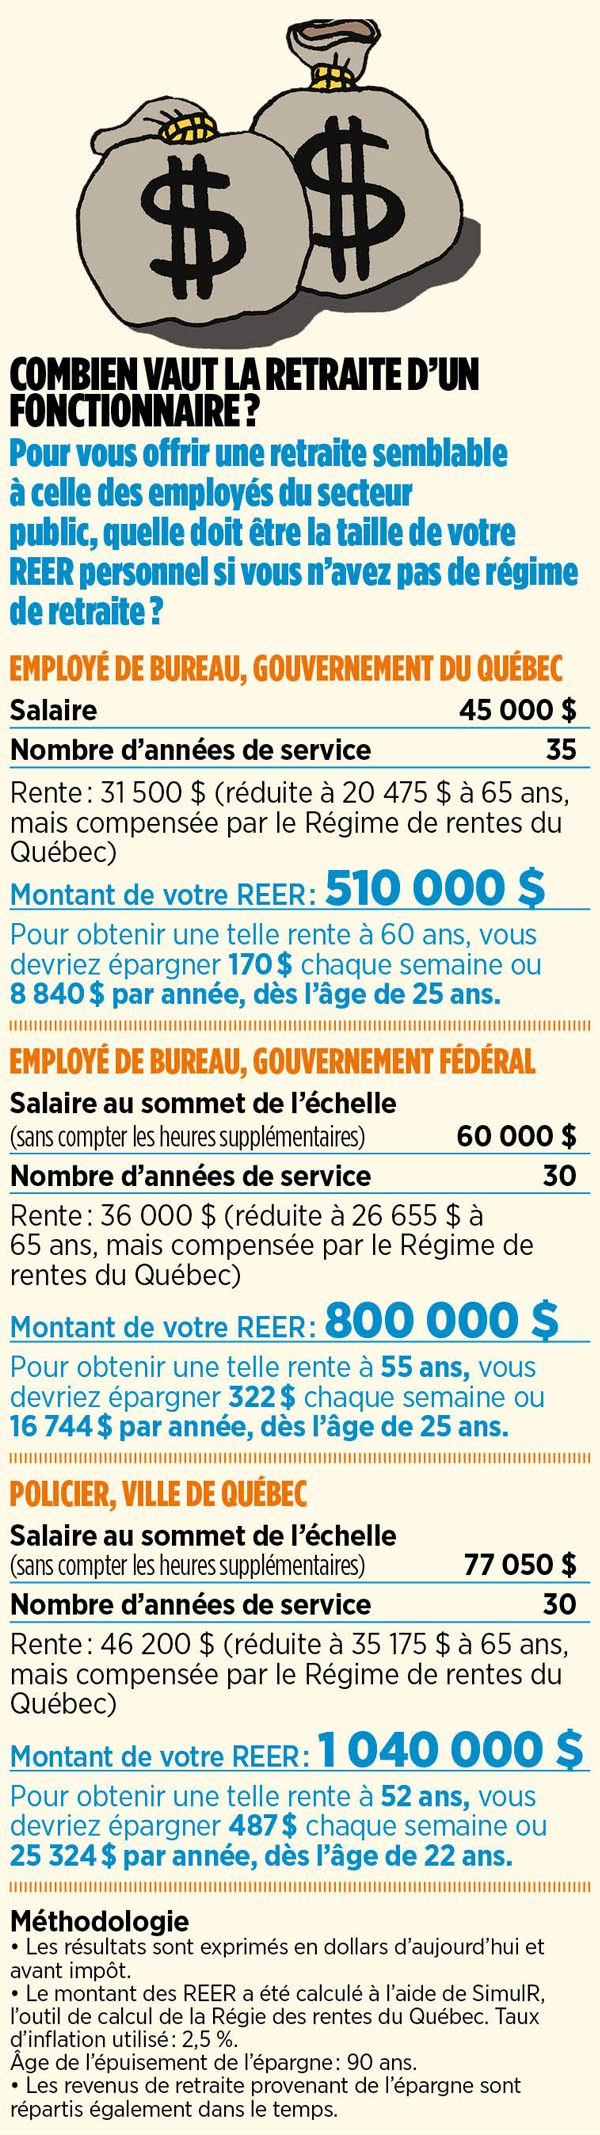 Retraites_fonctionnaire